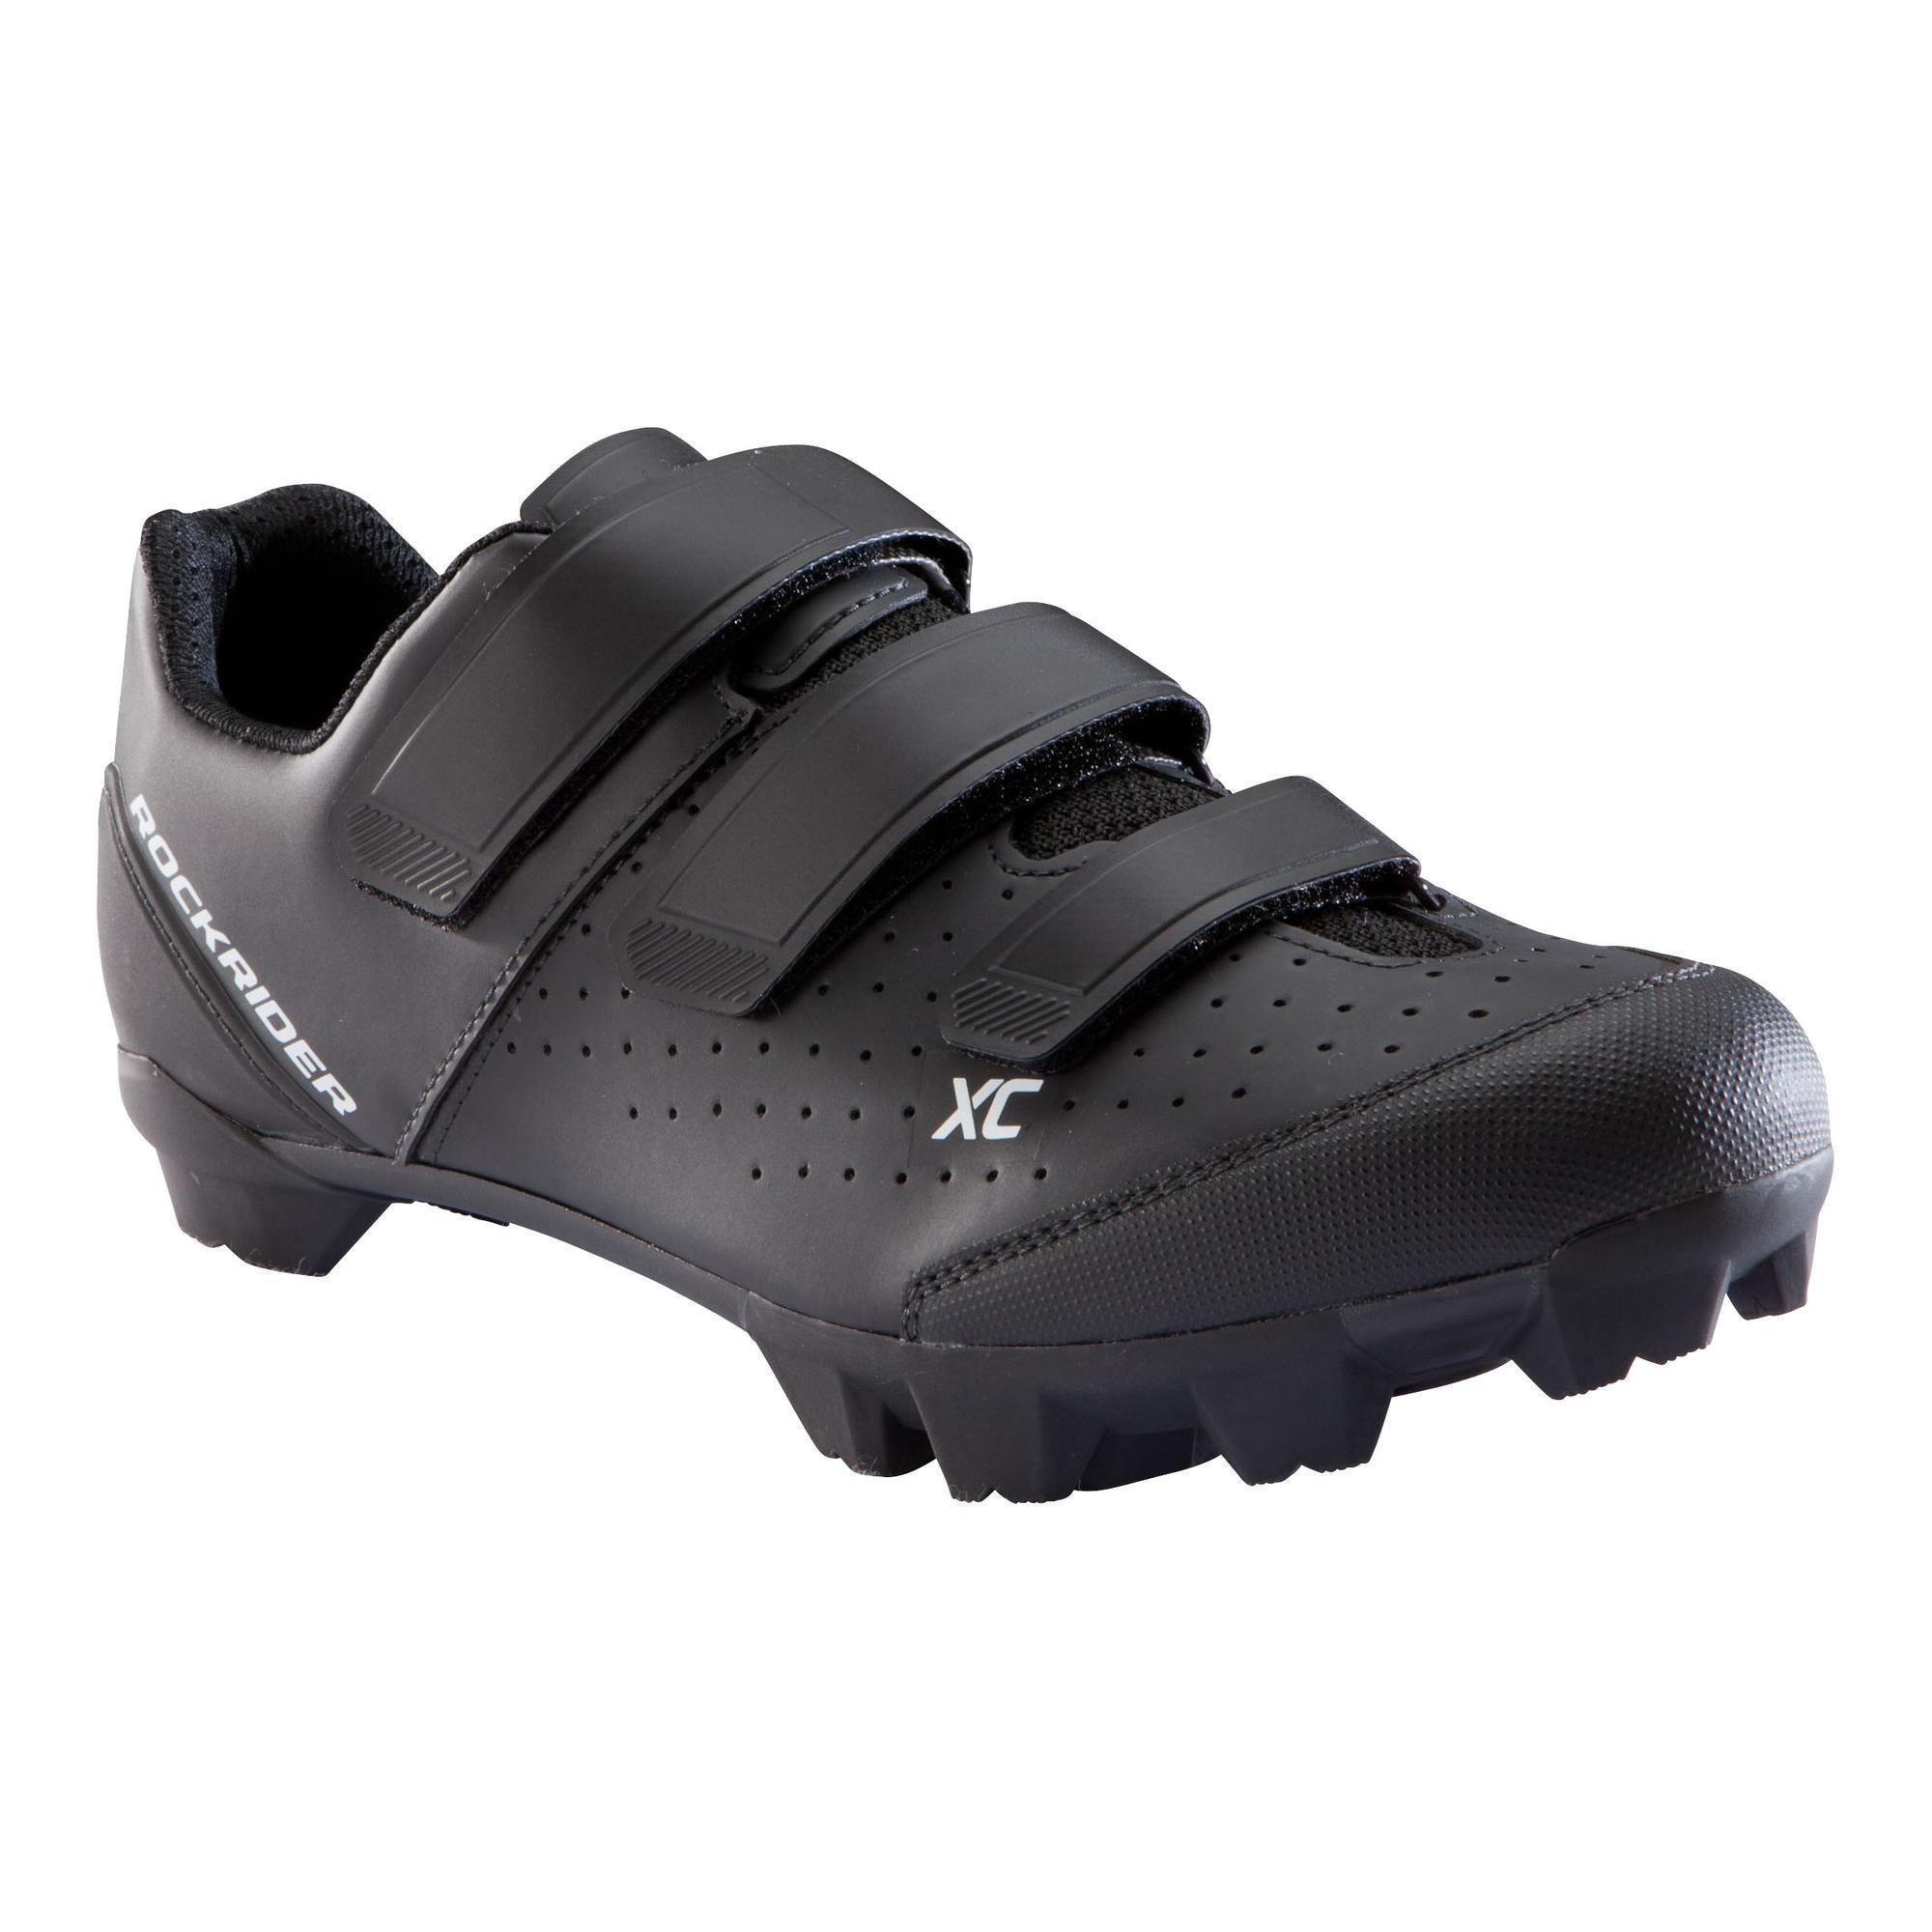 Rockrider MTB-schoenen XC 100 Zwart